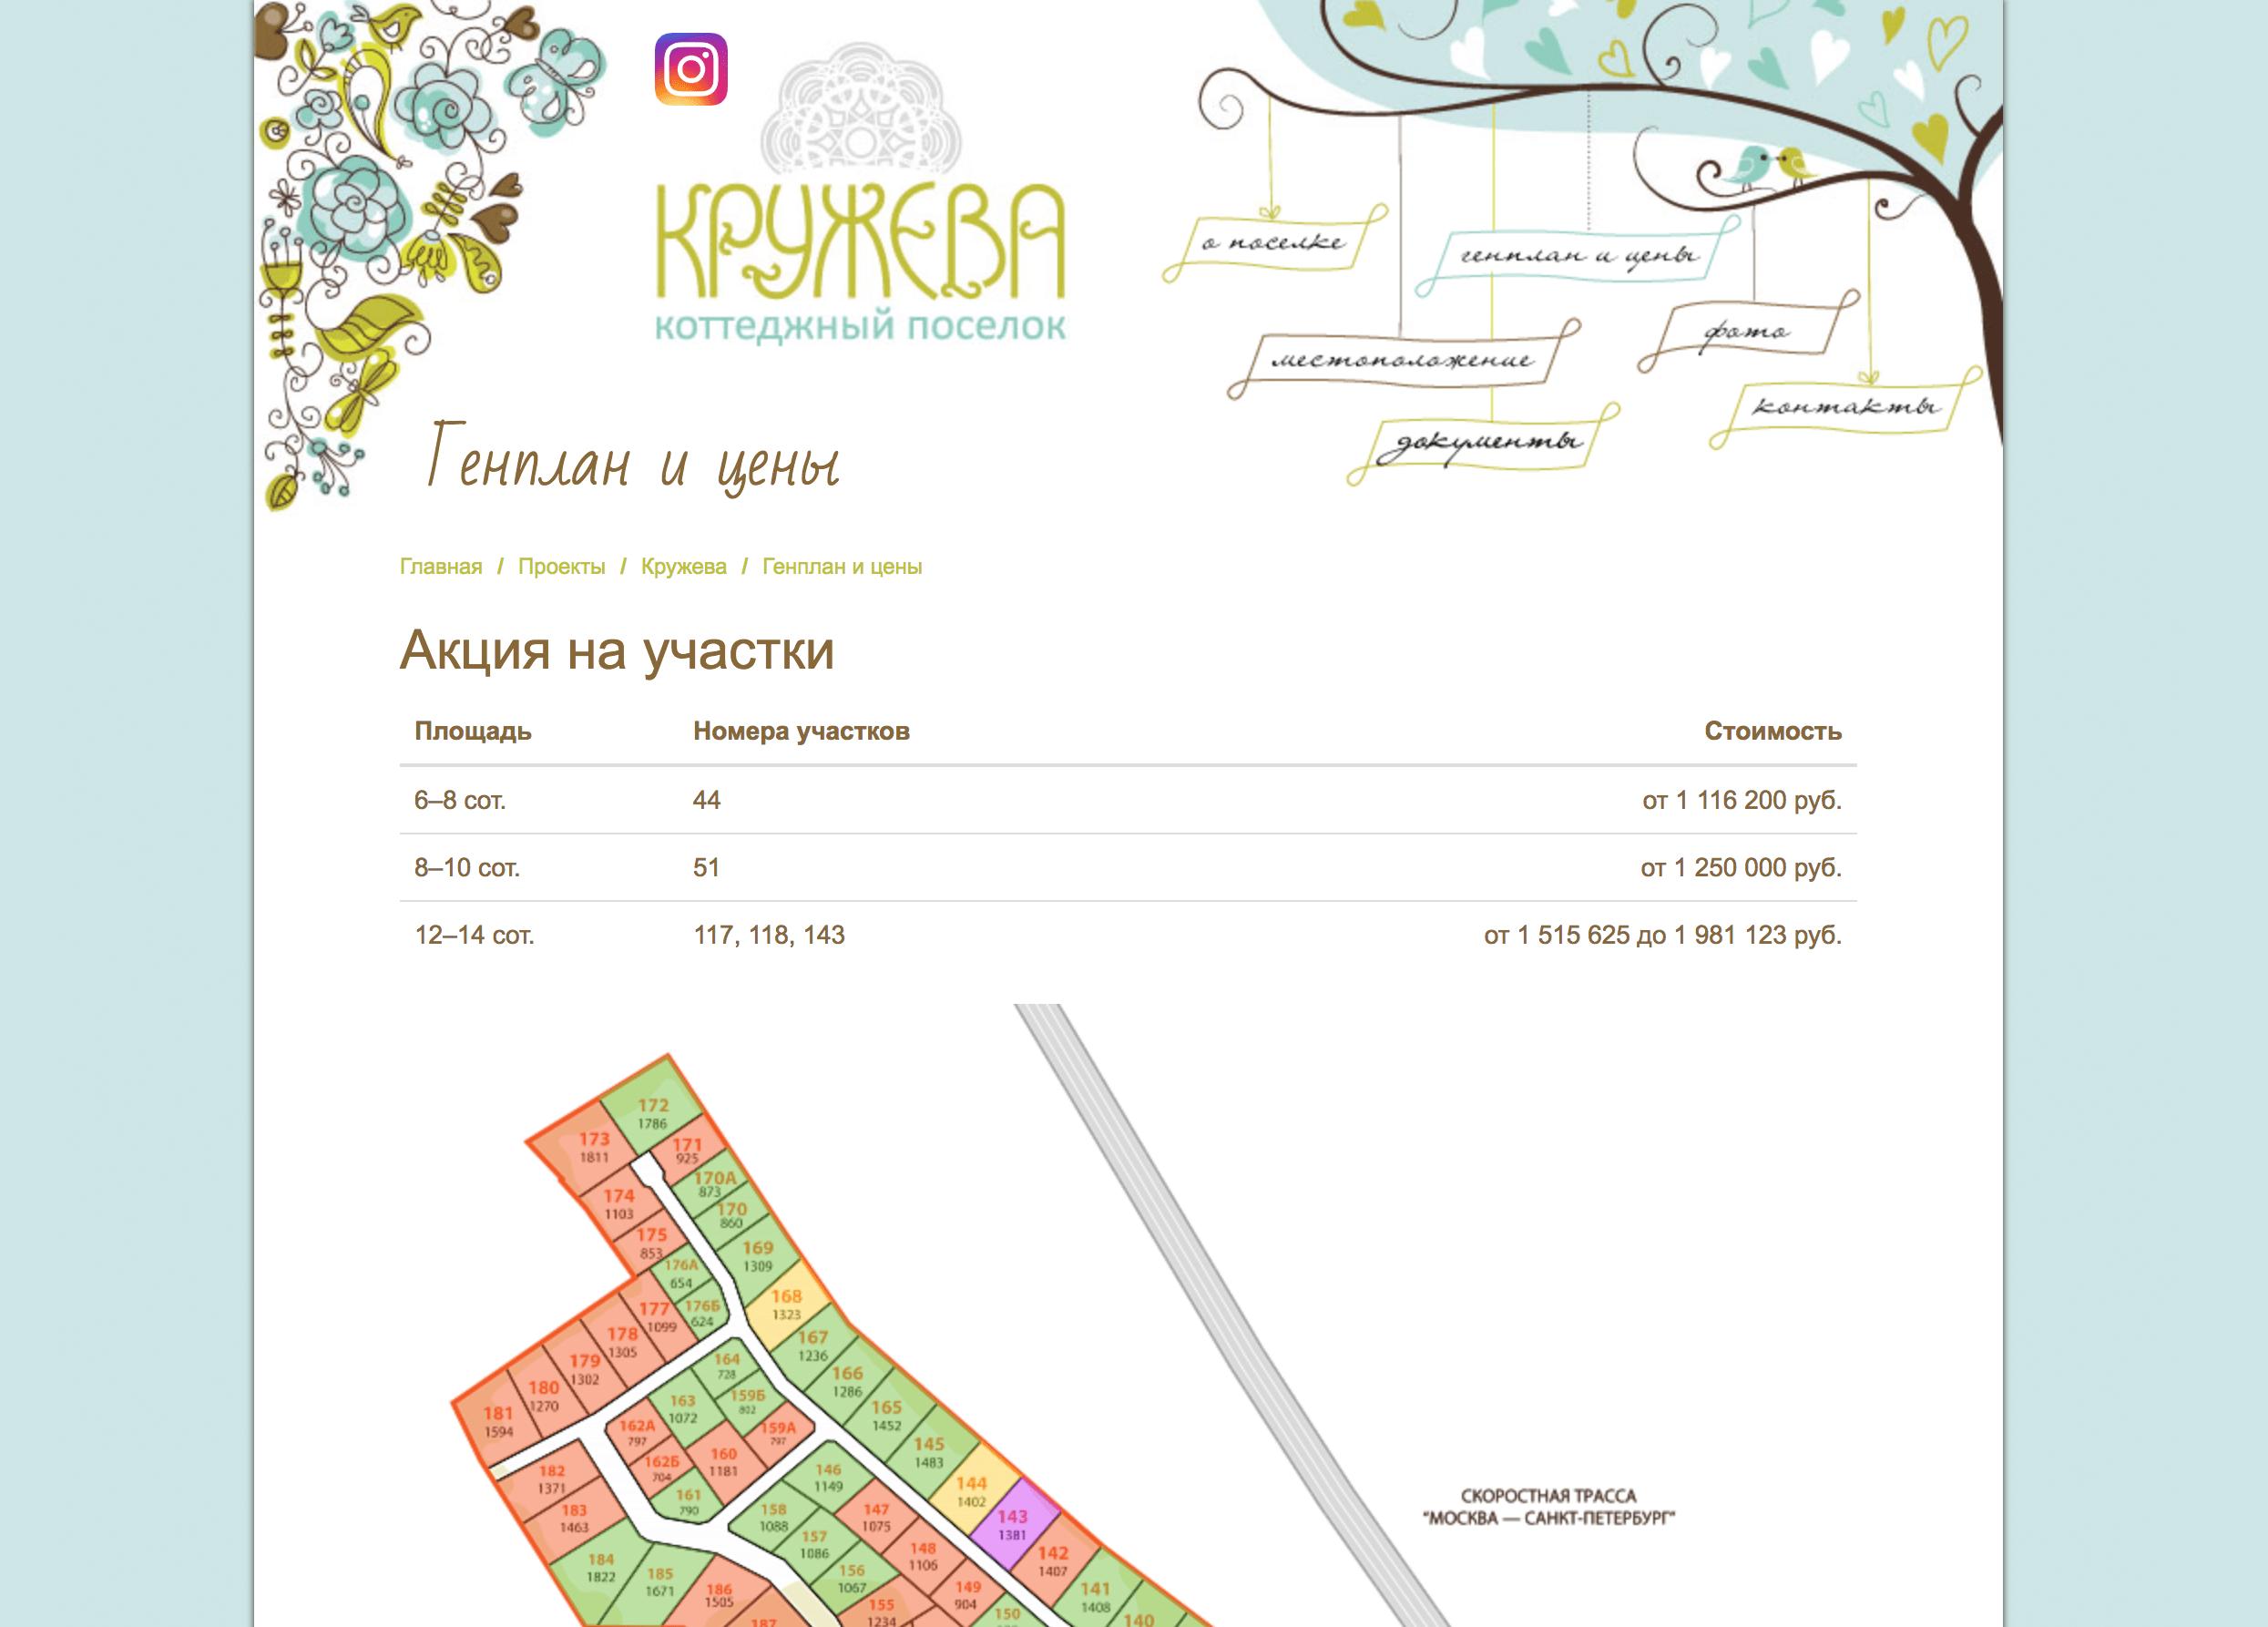 На сайте поселка «Кружева» есть и схема участков, и цены. Источник: Коттеджный поселок «Кружева»